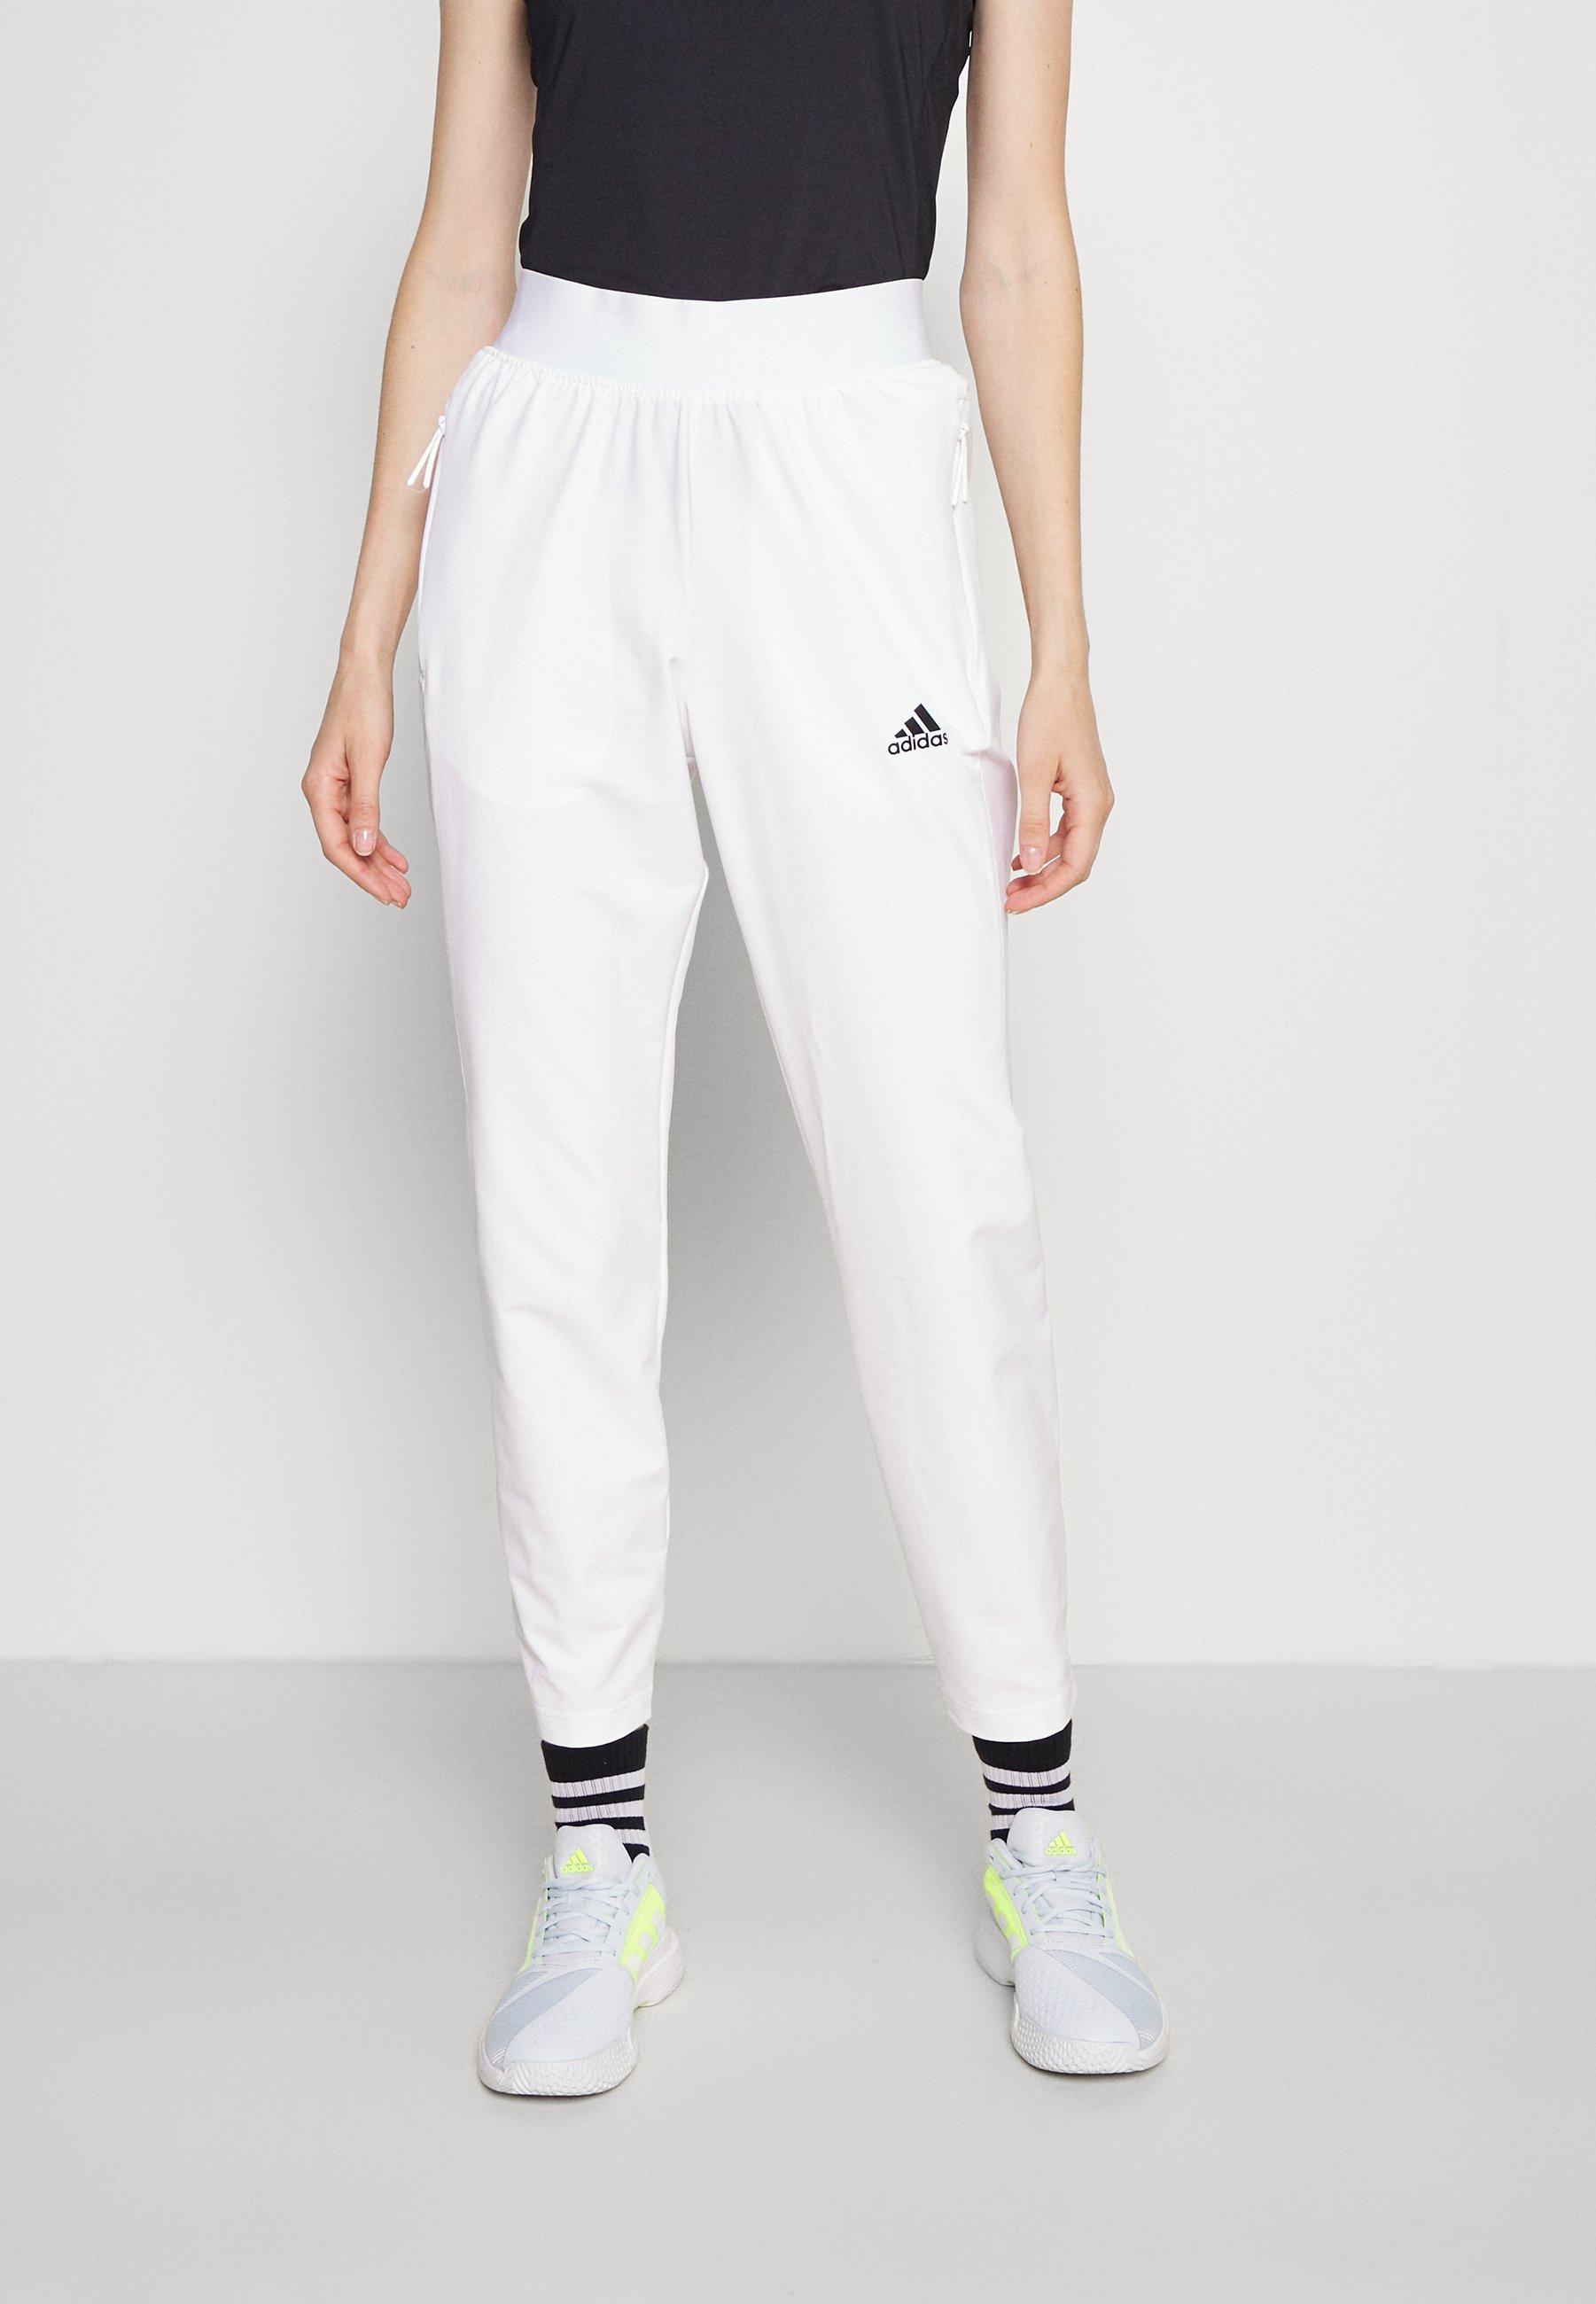 Femme TENNIS PANT - Pantalon de survêtement